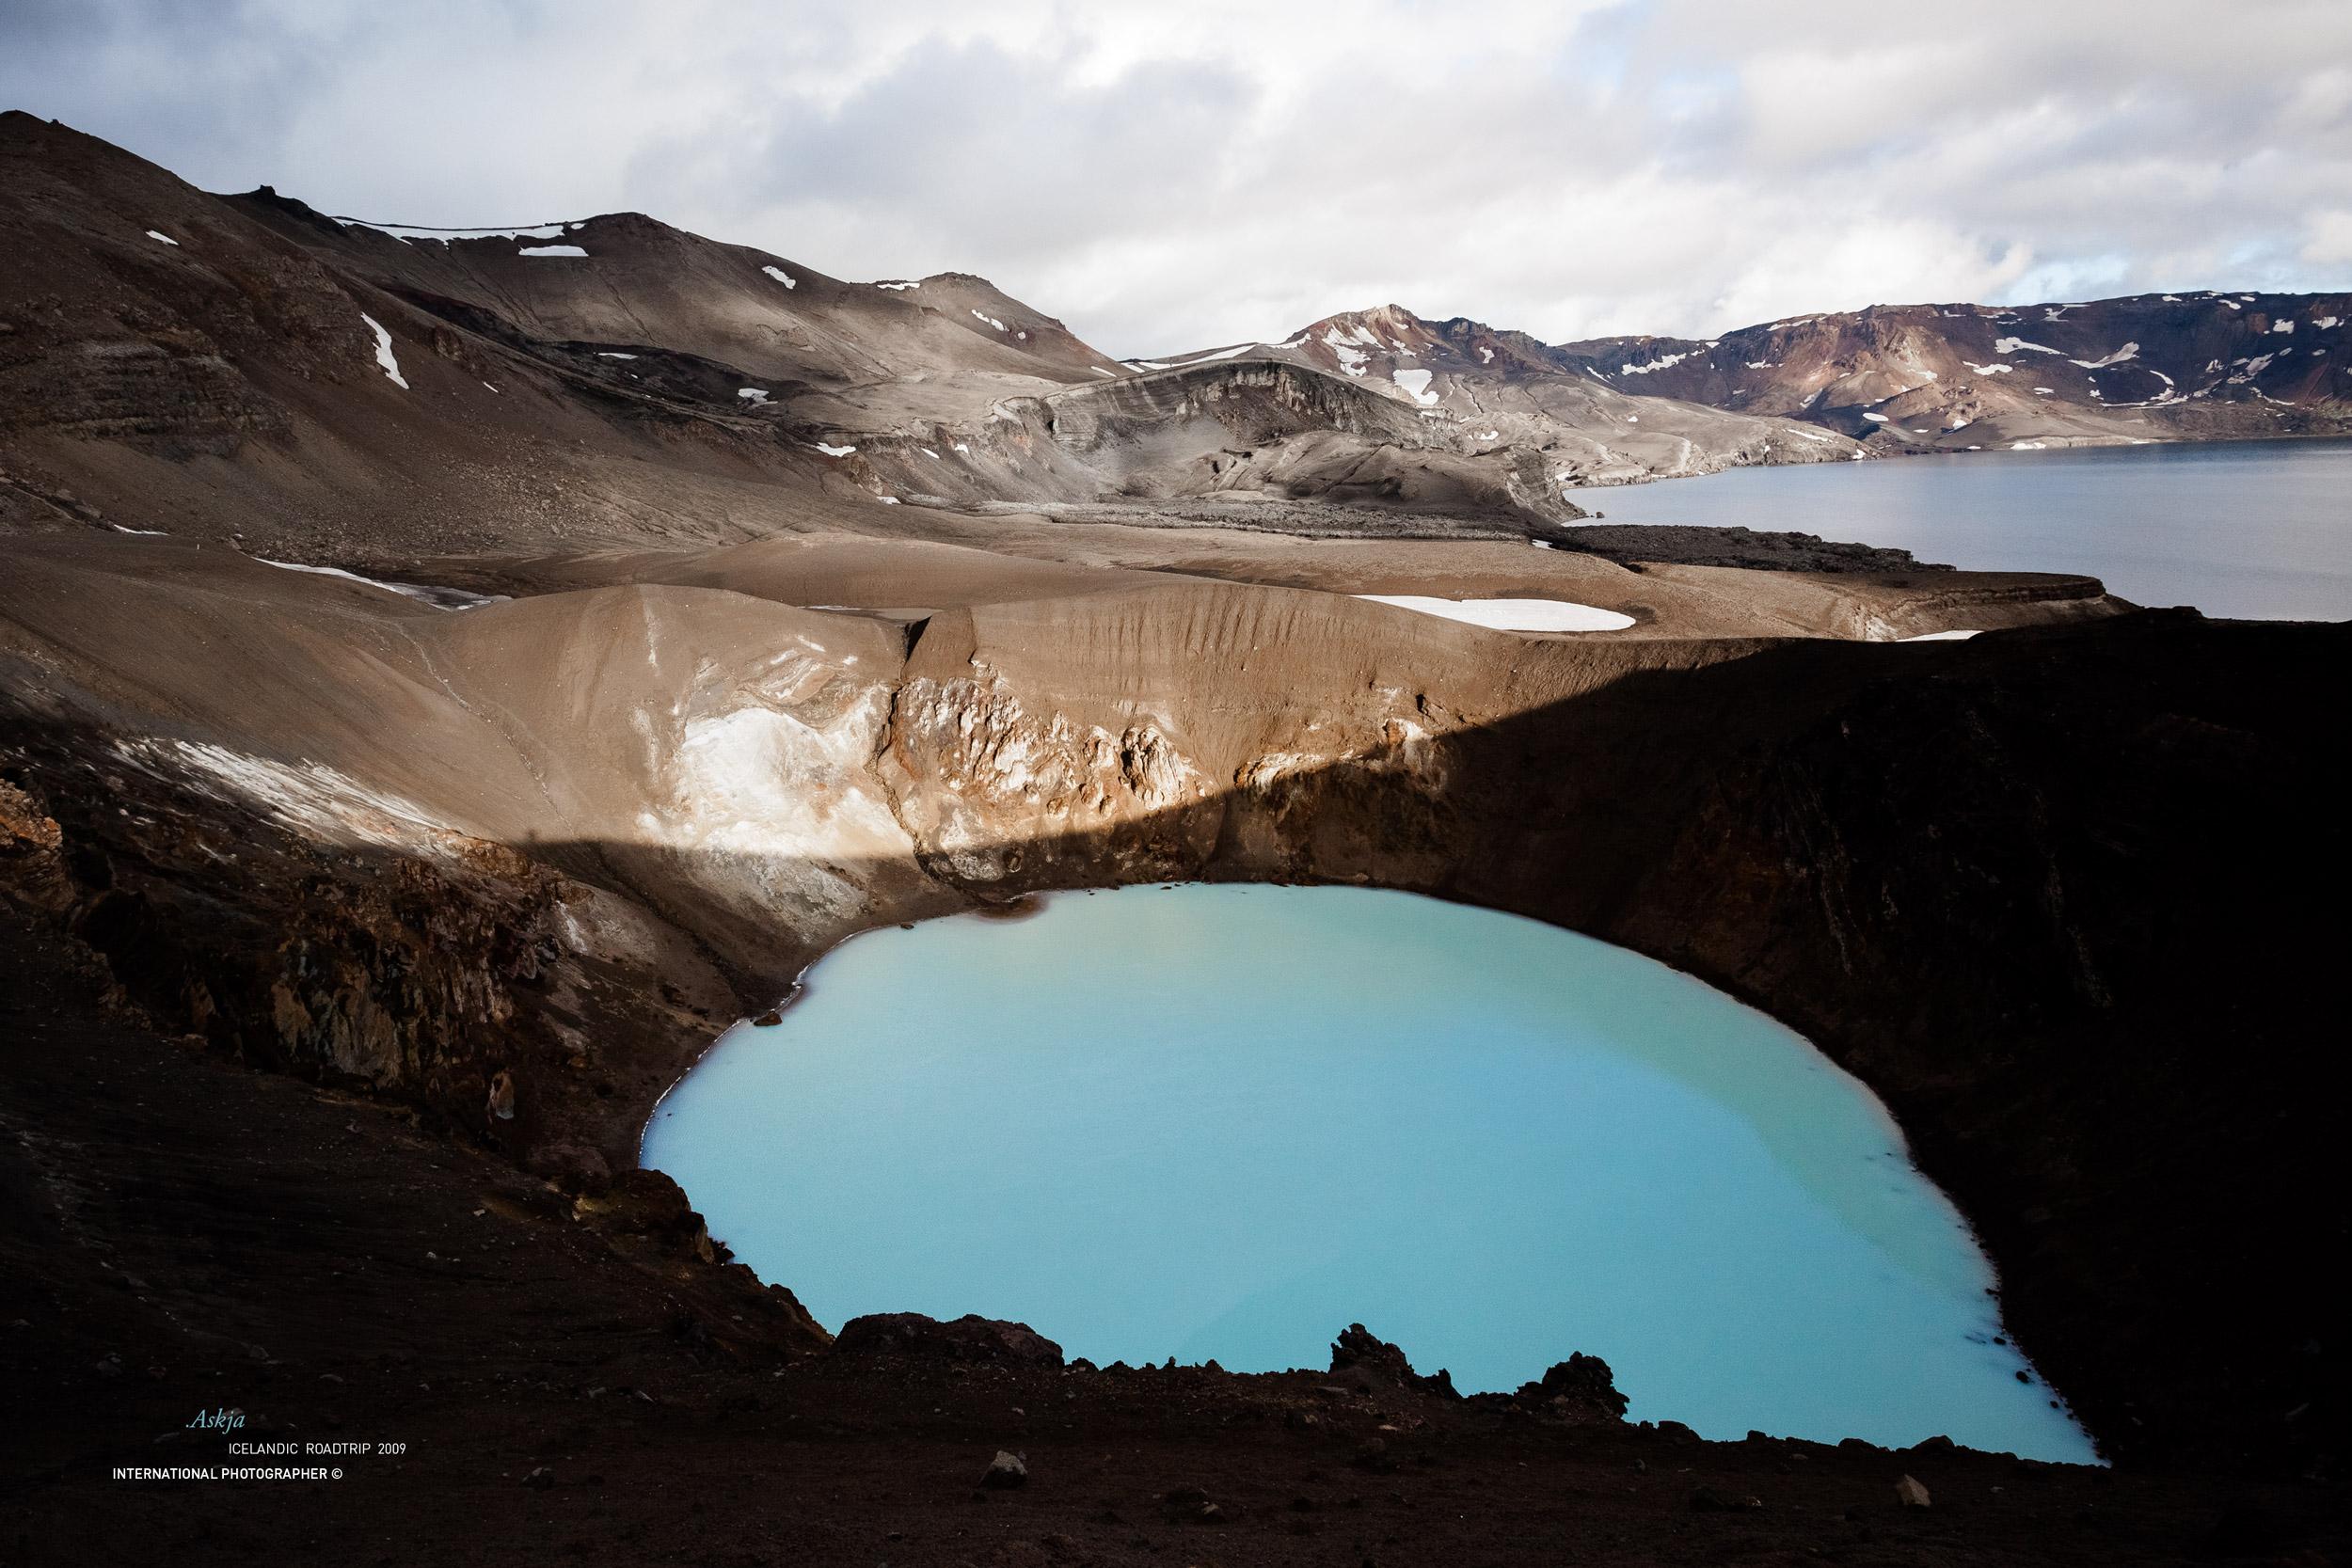 Le cratère Askja et ses eaux turquoises